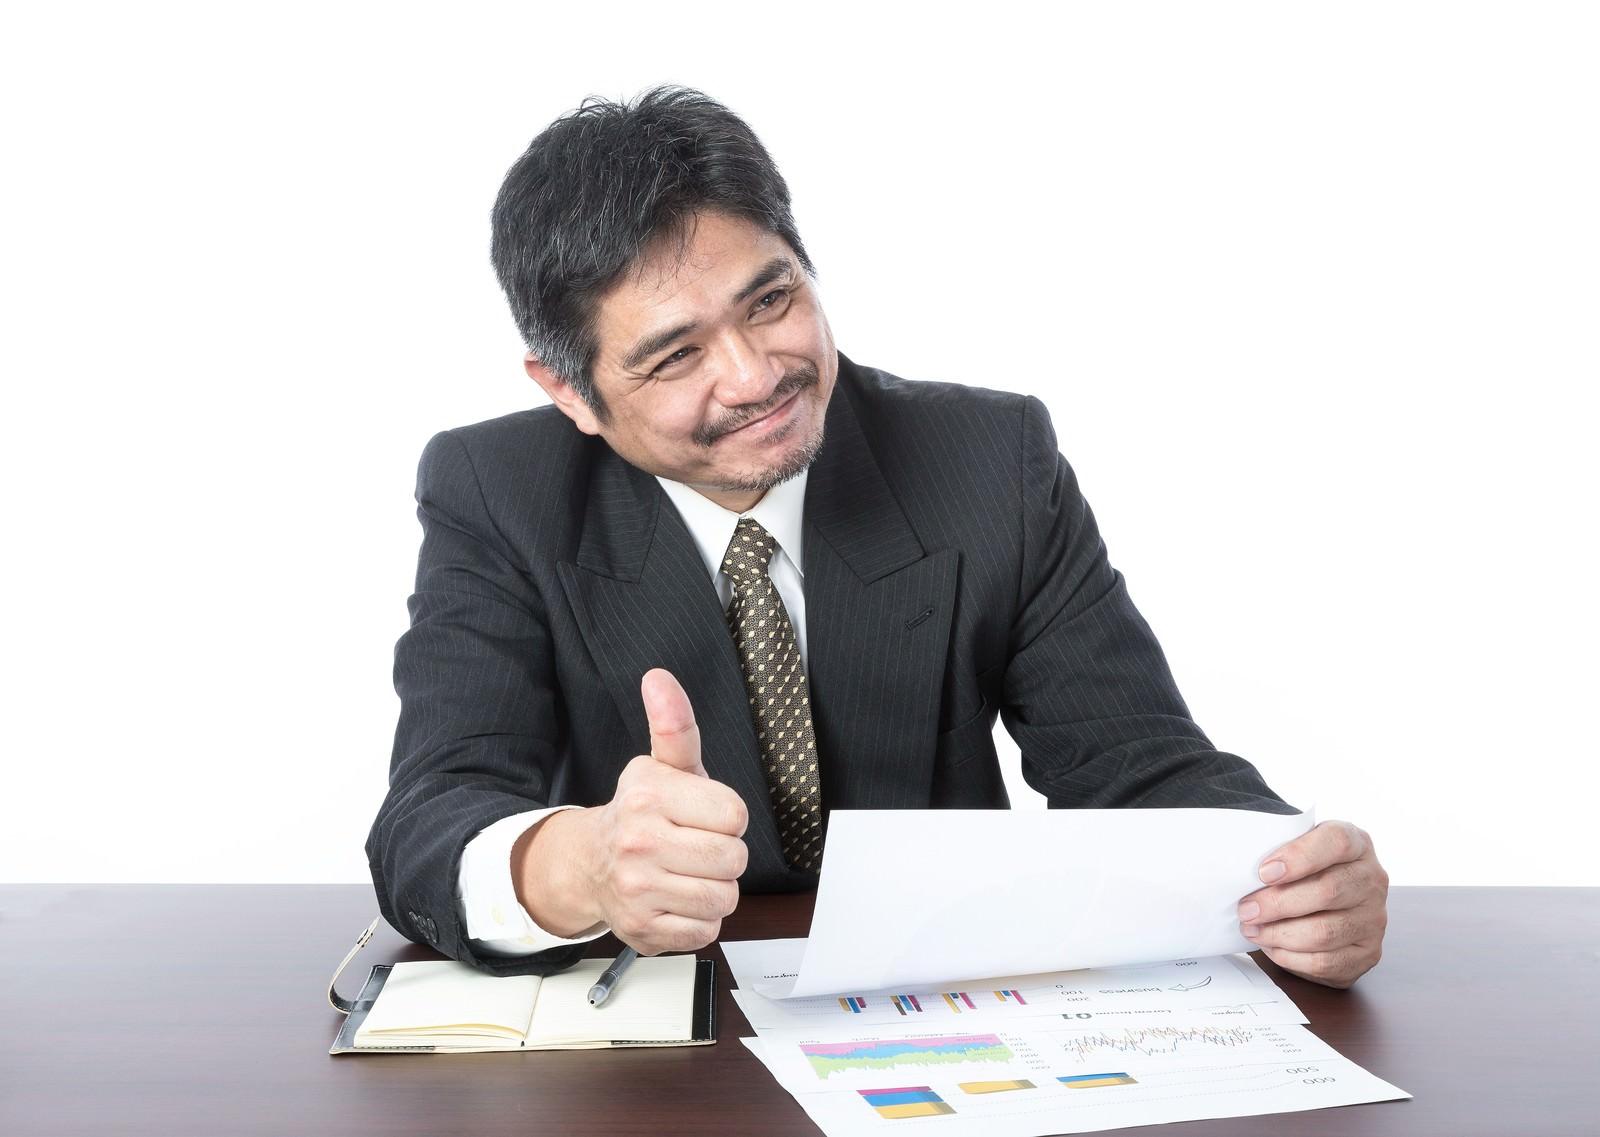 「「資料いいね!社長にシェアさせていただきます」とベタ褒めするクライアント「資料いいね!社長にシェアさせていただきます」とベタ褒めするクライアント」[モデル:よたか]のフリー写真素材を拡大